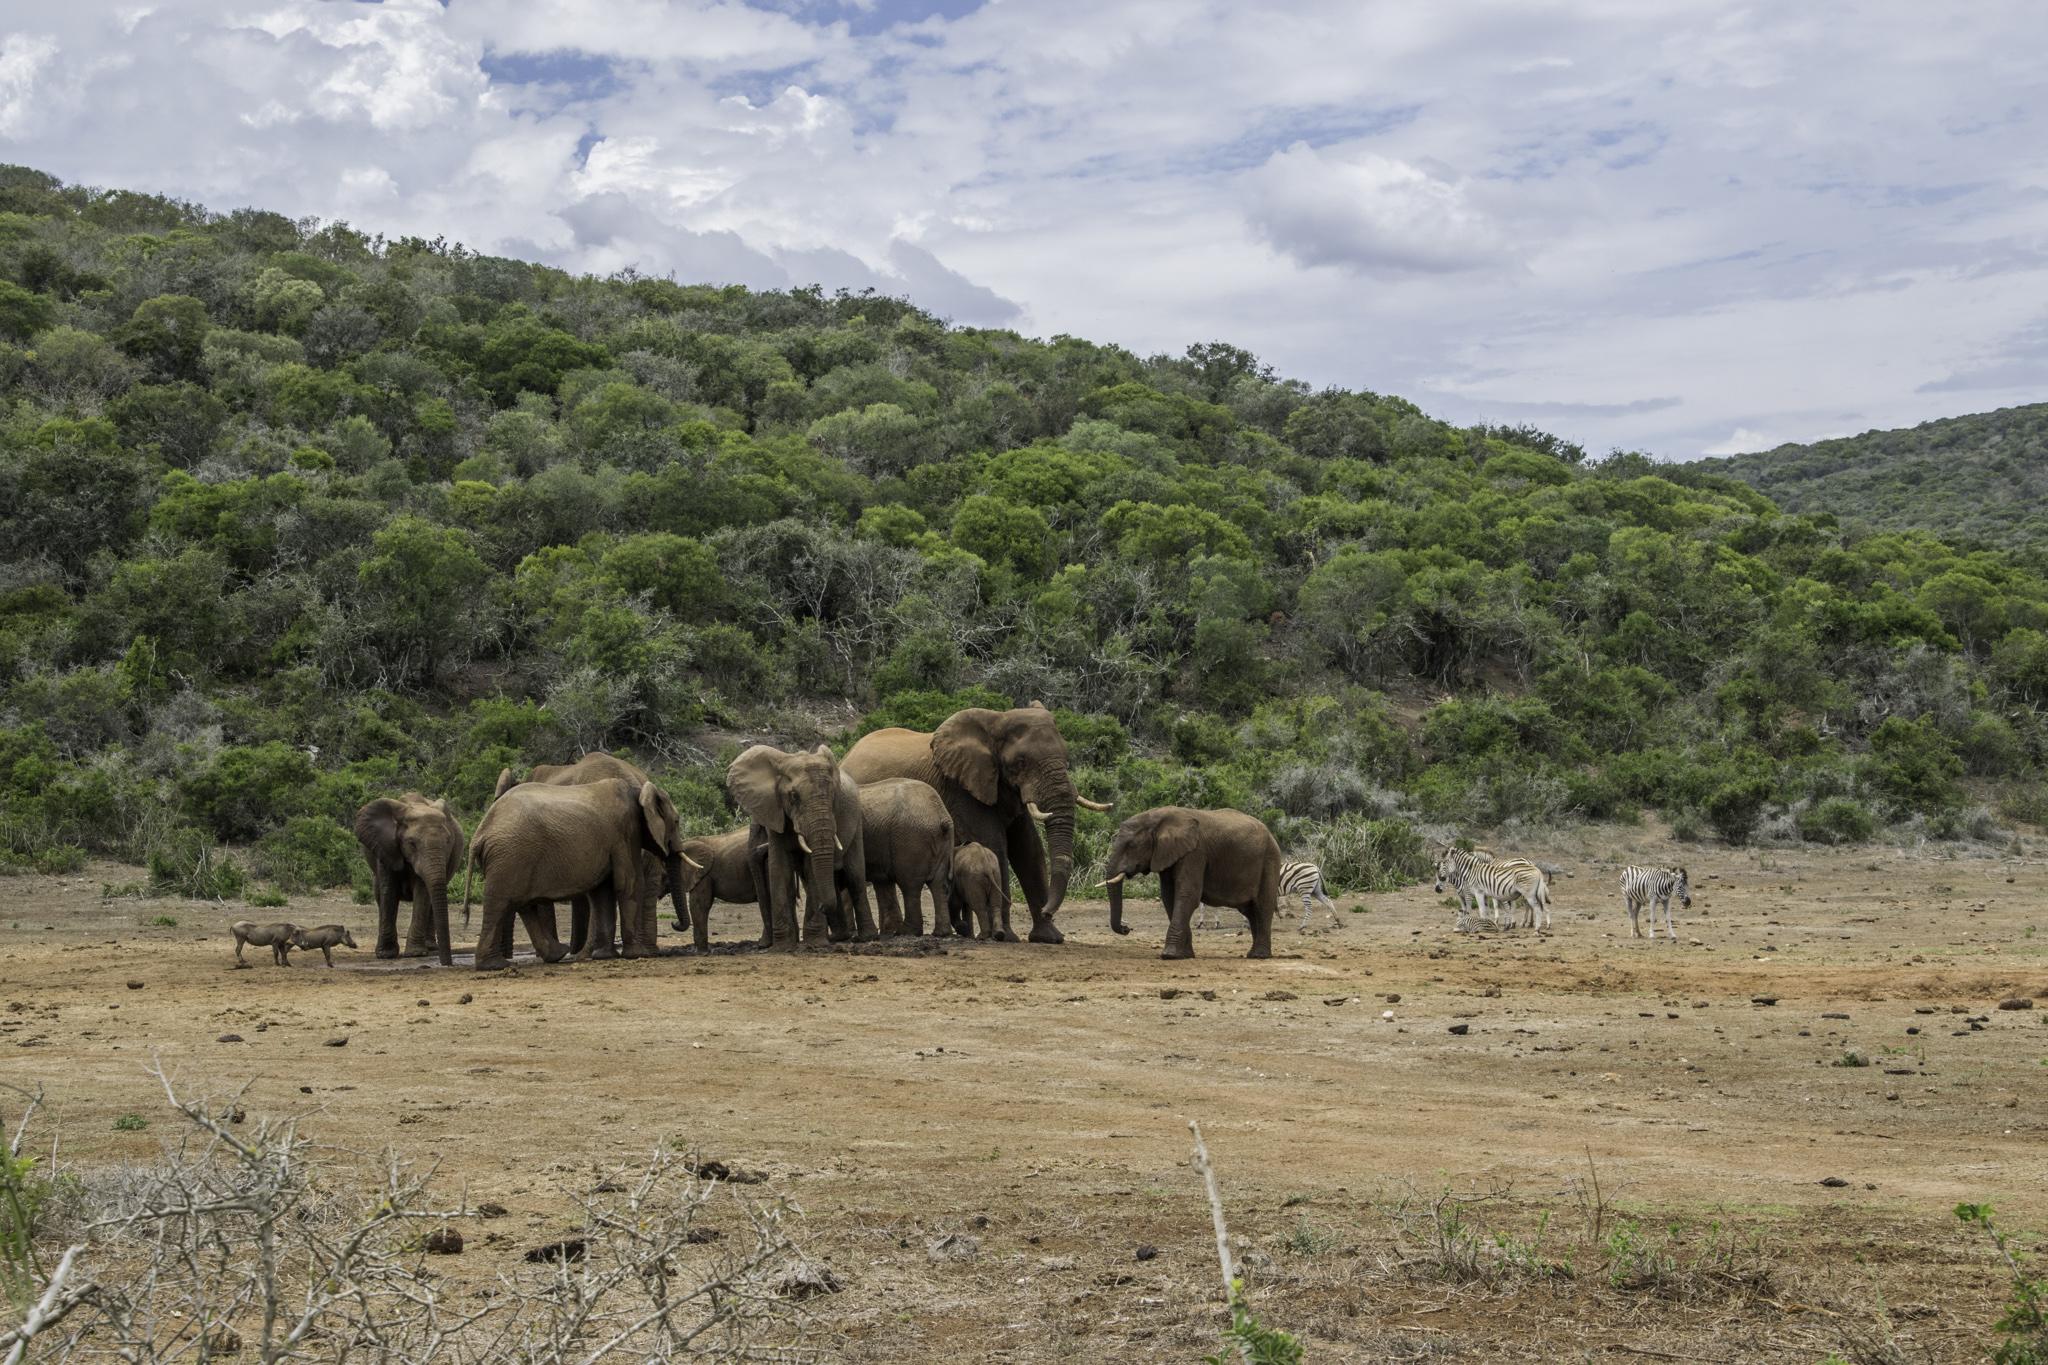 Die Elefanten beherrschen das Wasserloch